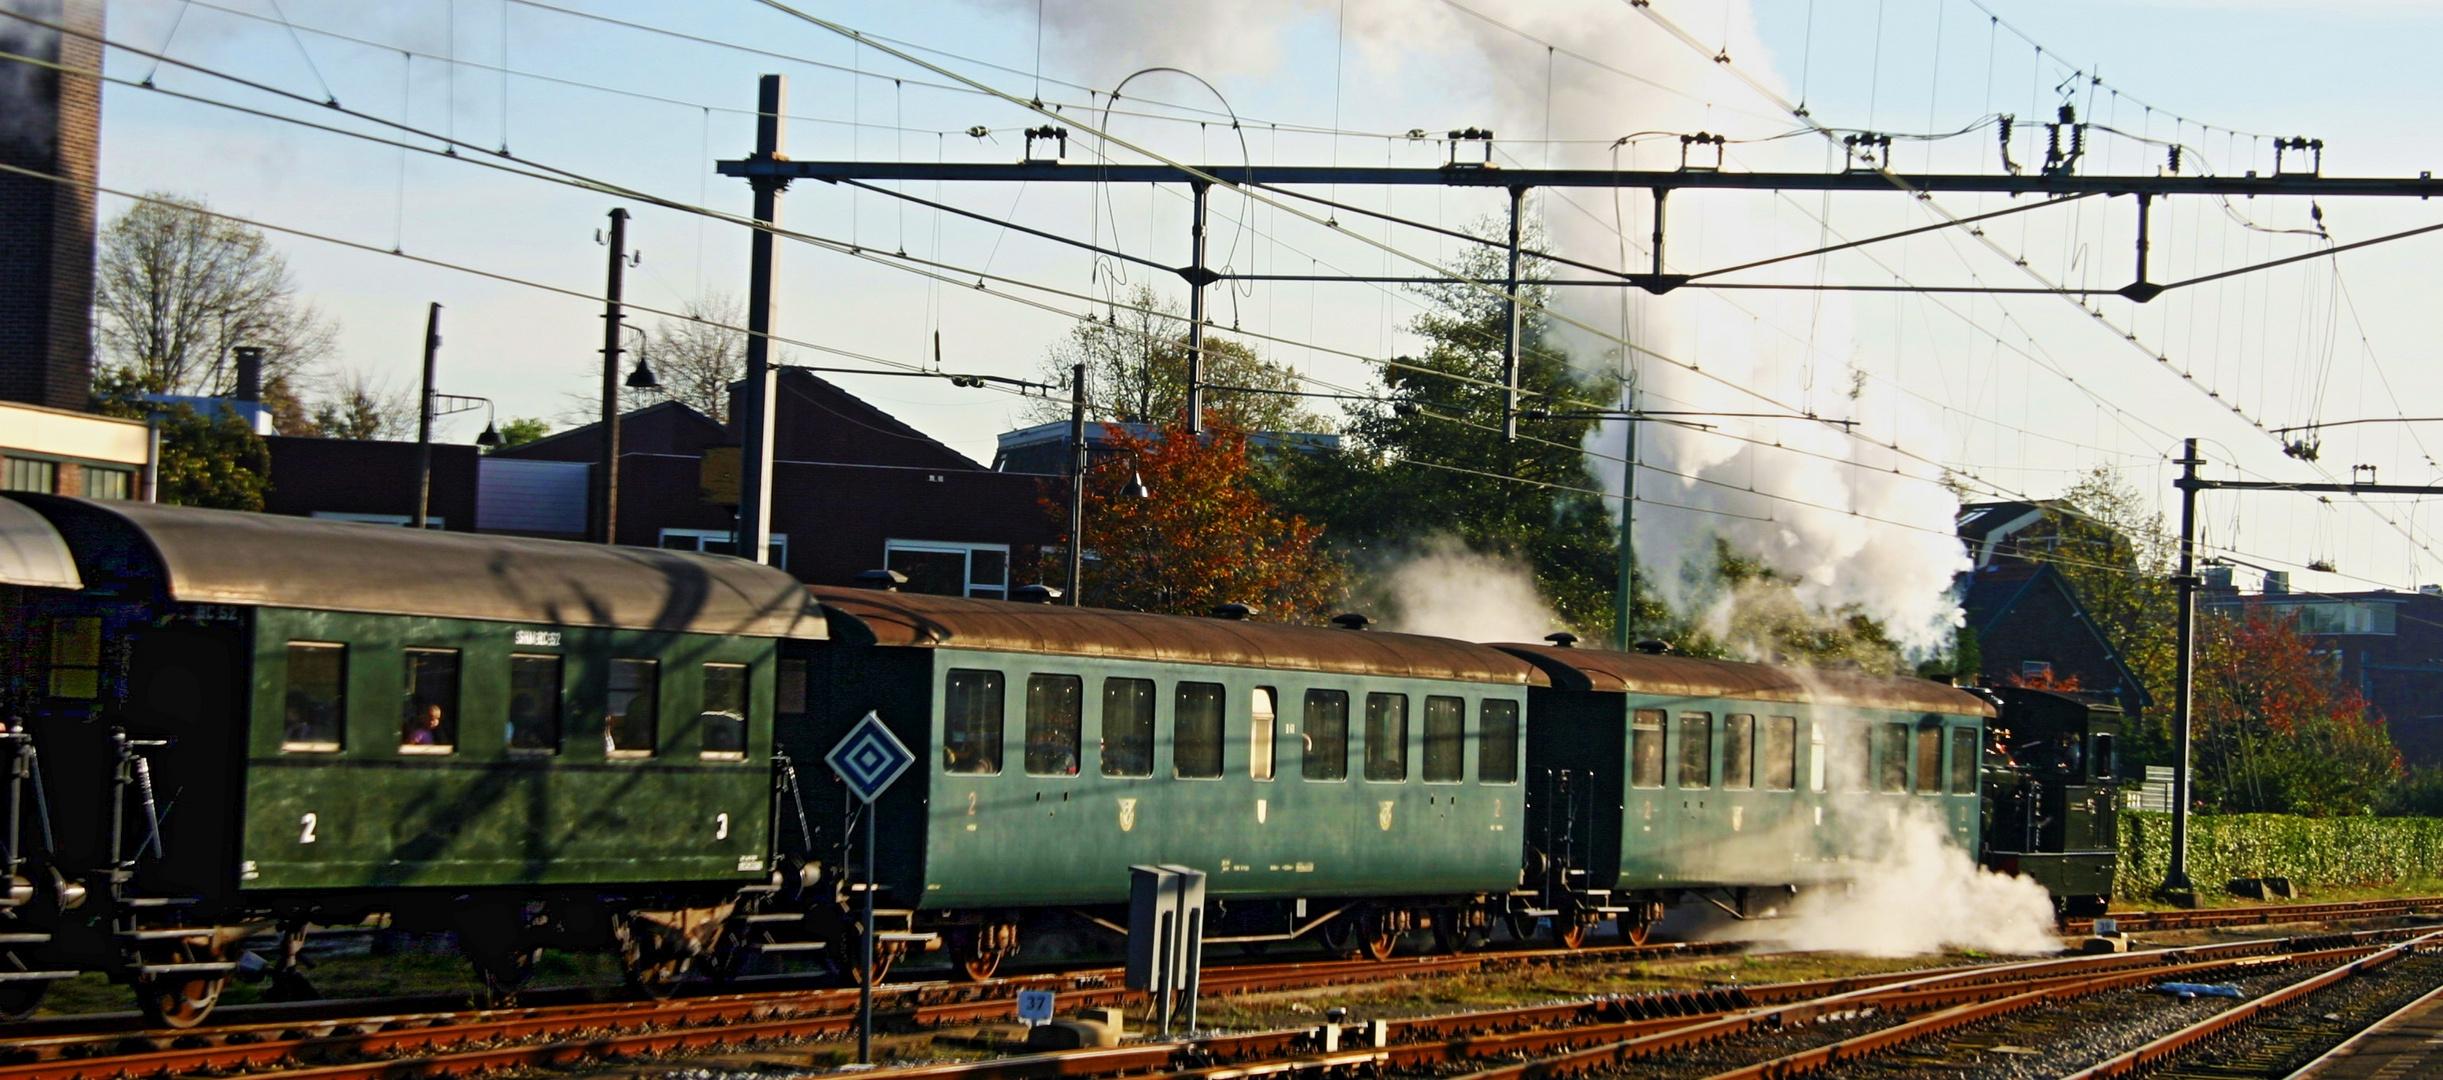 Hoorn - Zug